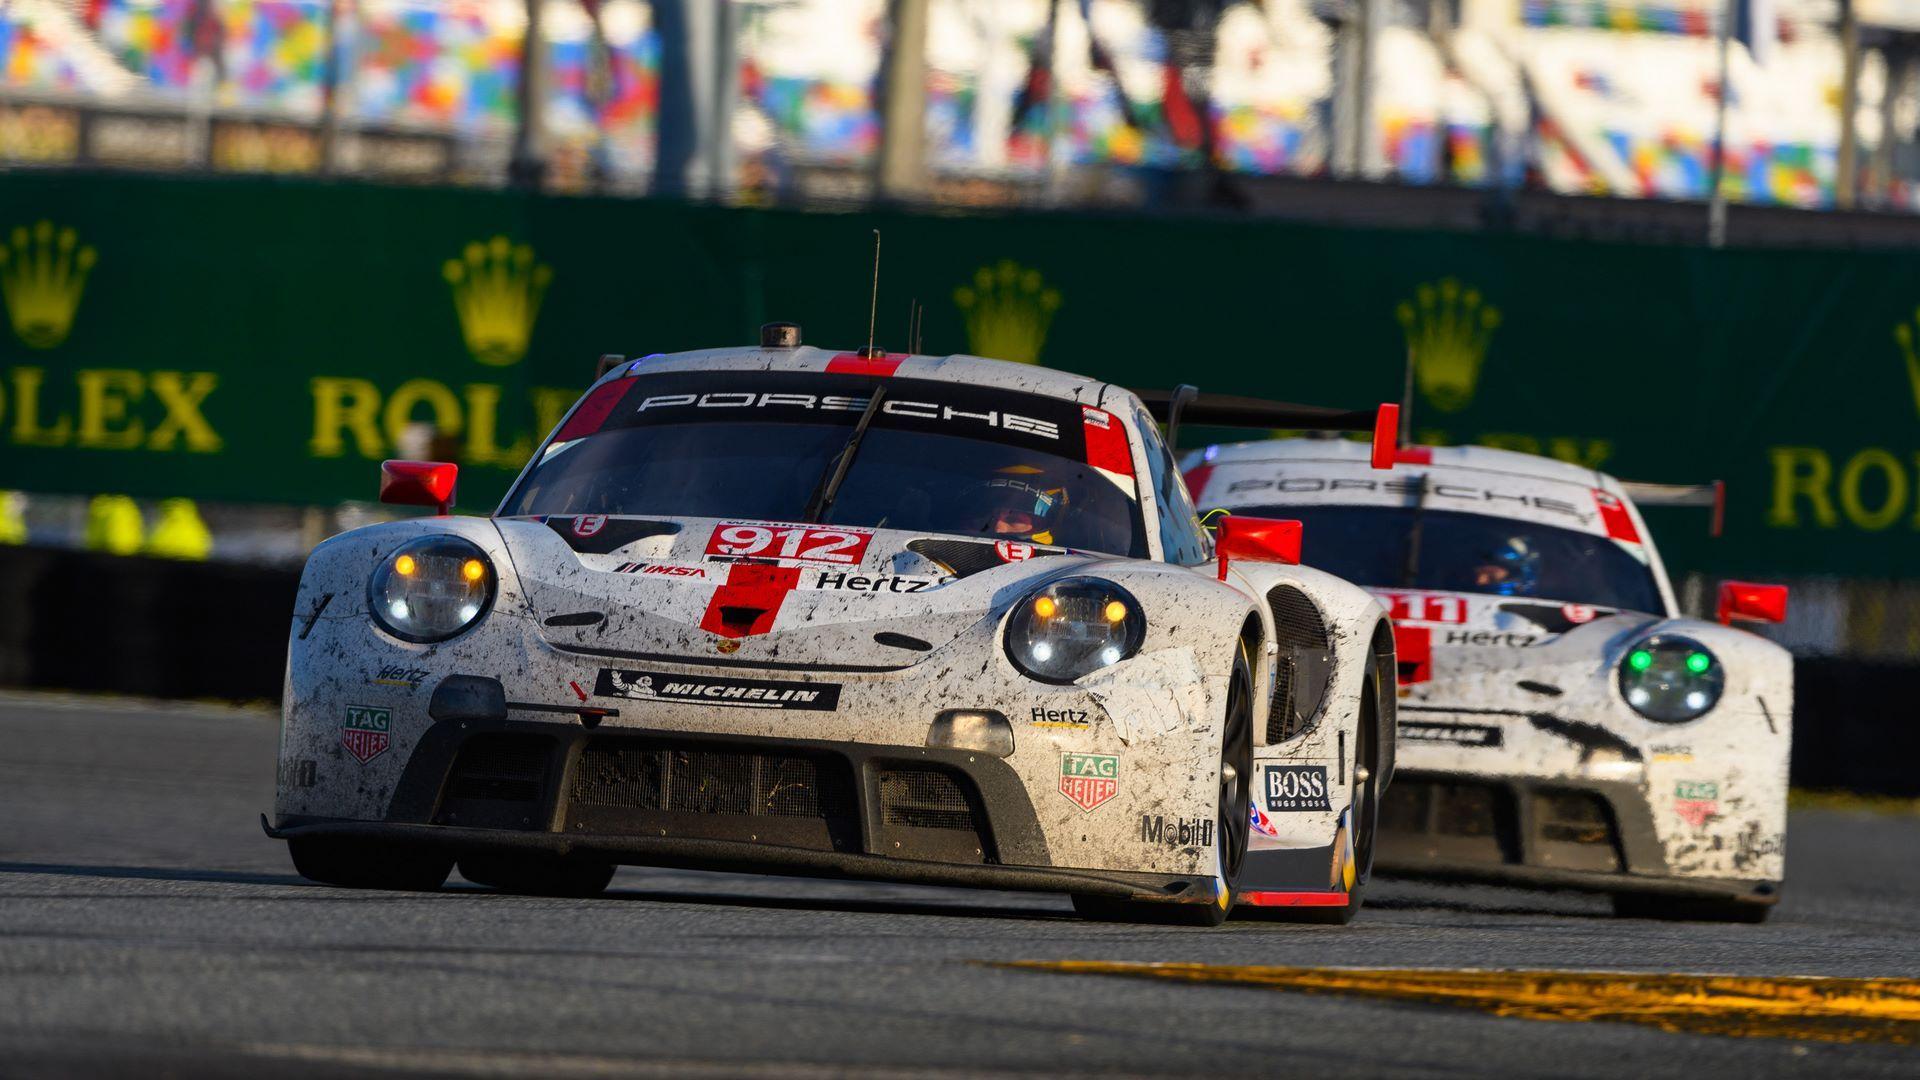 Porsche 911 RSR, Porsche GT Team (912): Earl Bamber (NZ), Mathieu Jaminet (F), Laurens Vanthoor (B), Porsche GT Team (911): Nick Tandy (GB), Frederic Makowiecki (F), Matt Campbell (AUS)